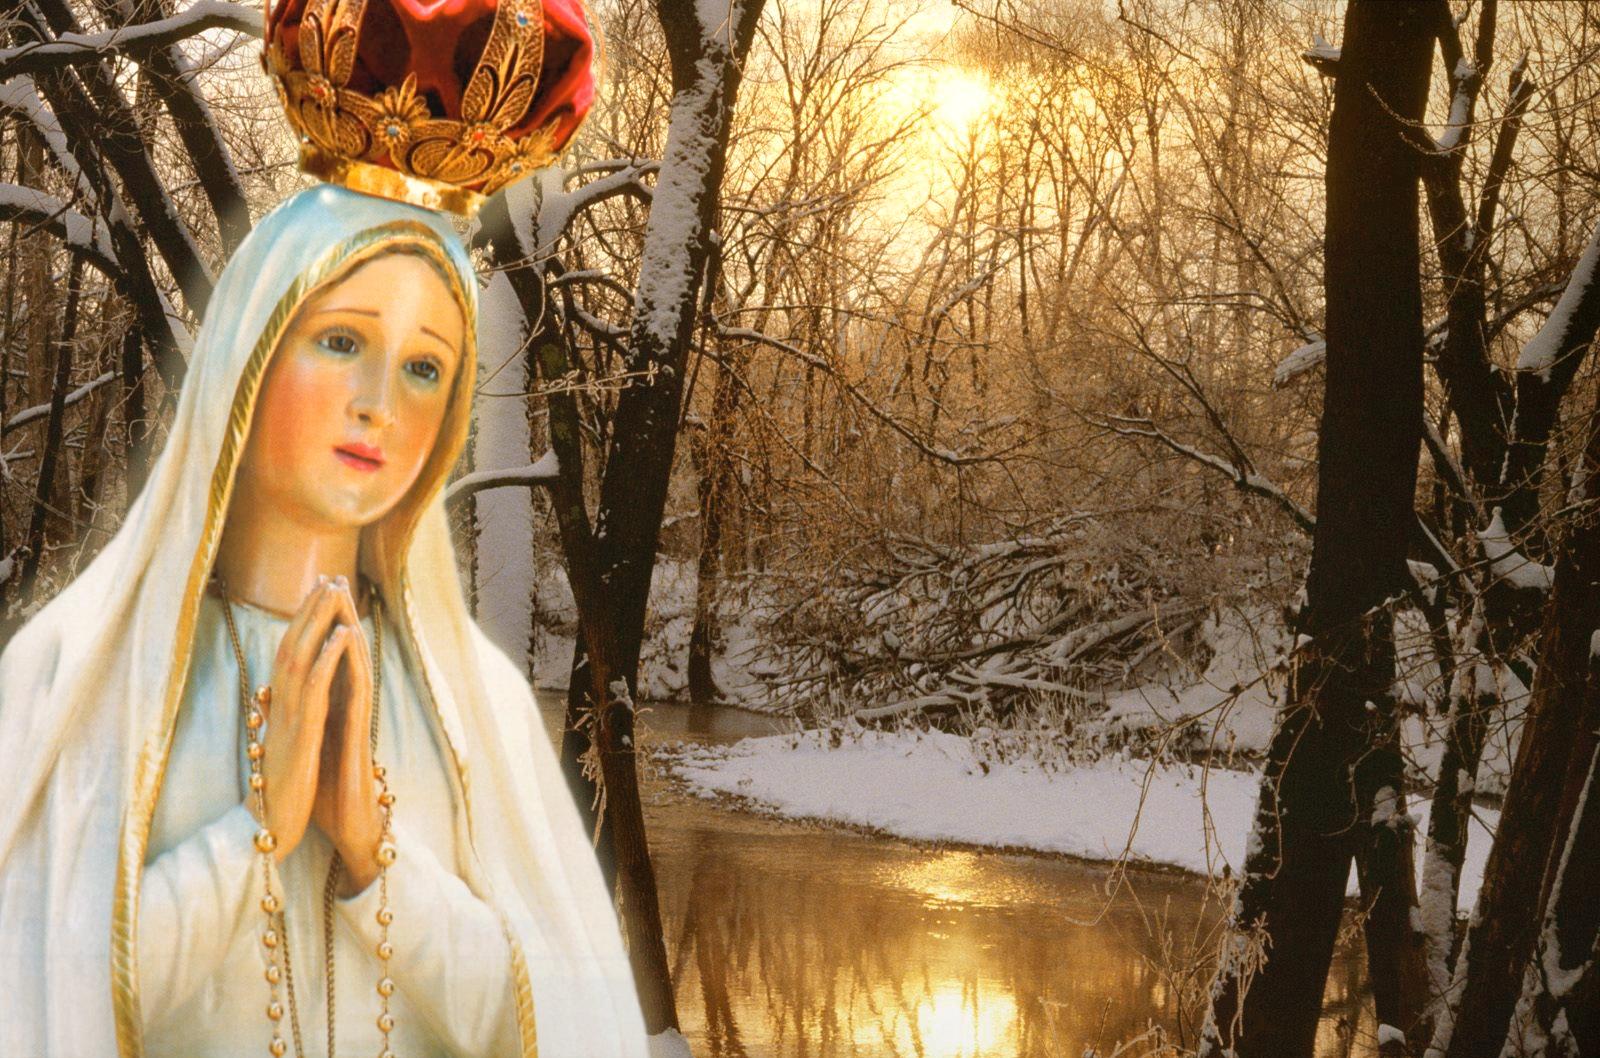 Papel De Parede Nossa Senhora Aparecida: Banda Digitus Dei: Papéis De Parede